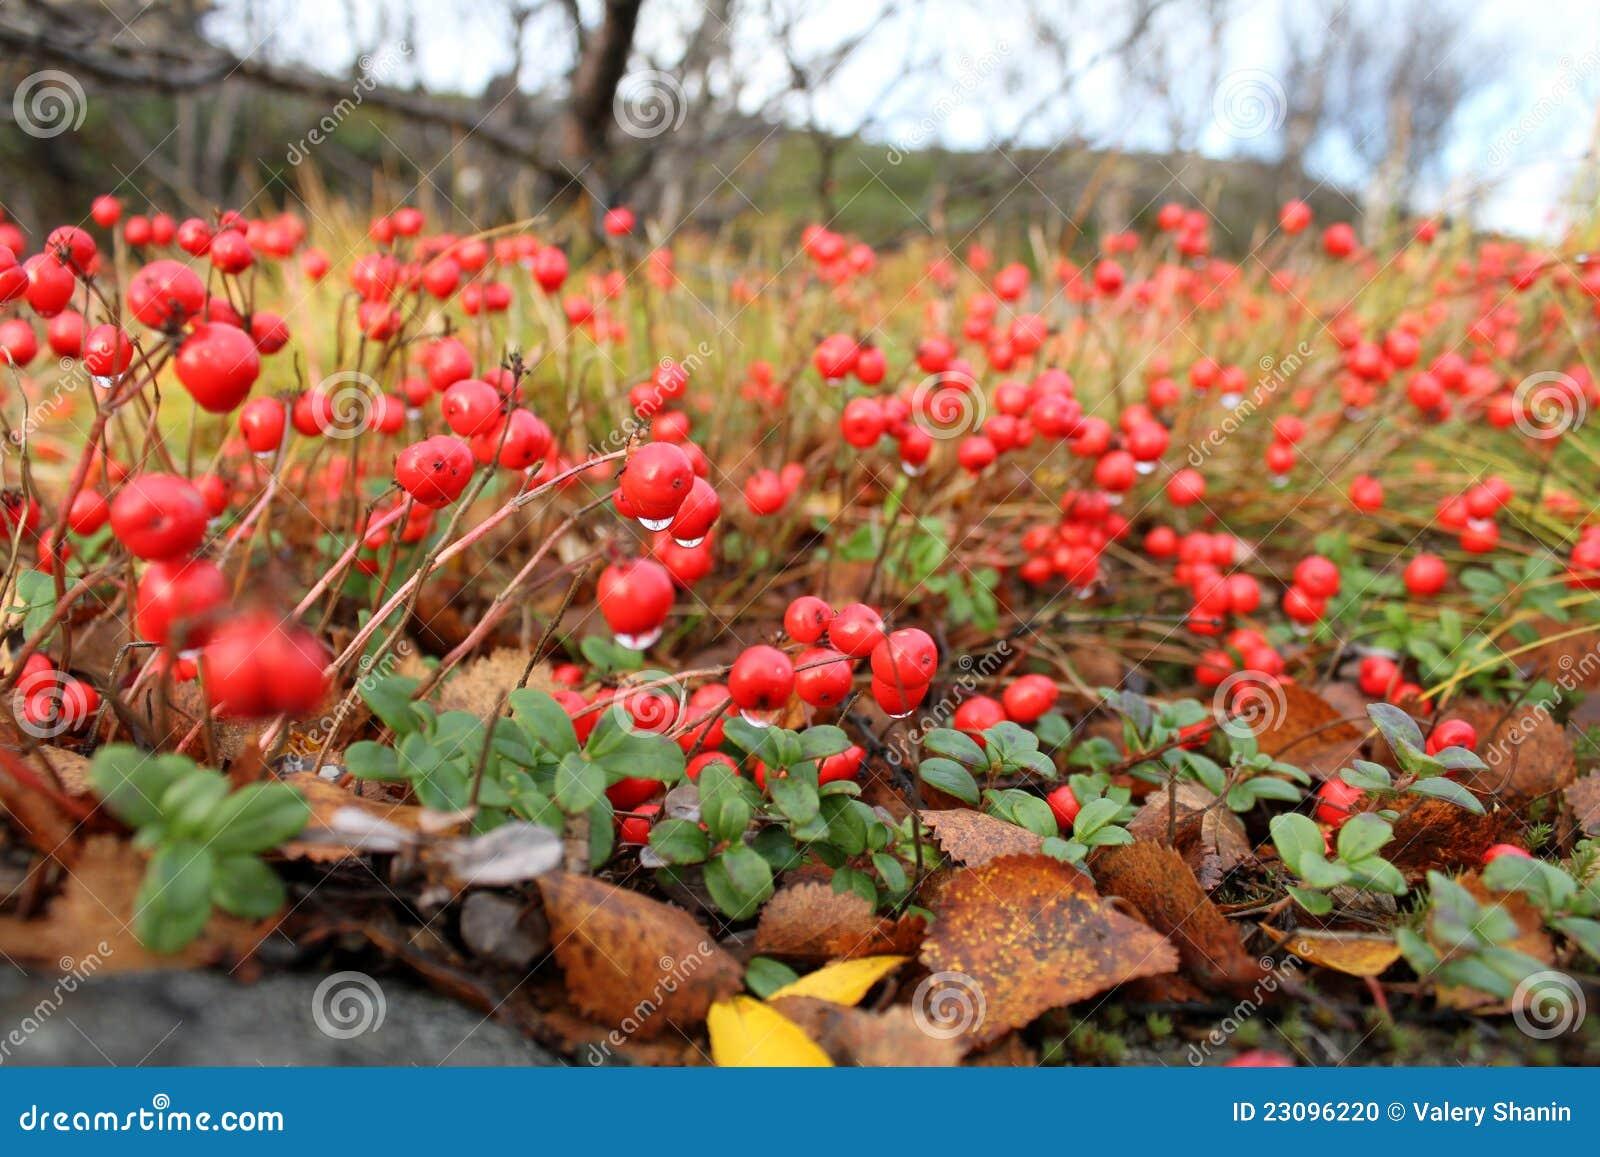 在摩尔曼斯克,俄国附近弄湿红色浆果在thenorthern山森林里.图片